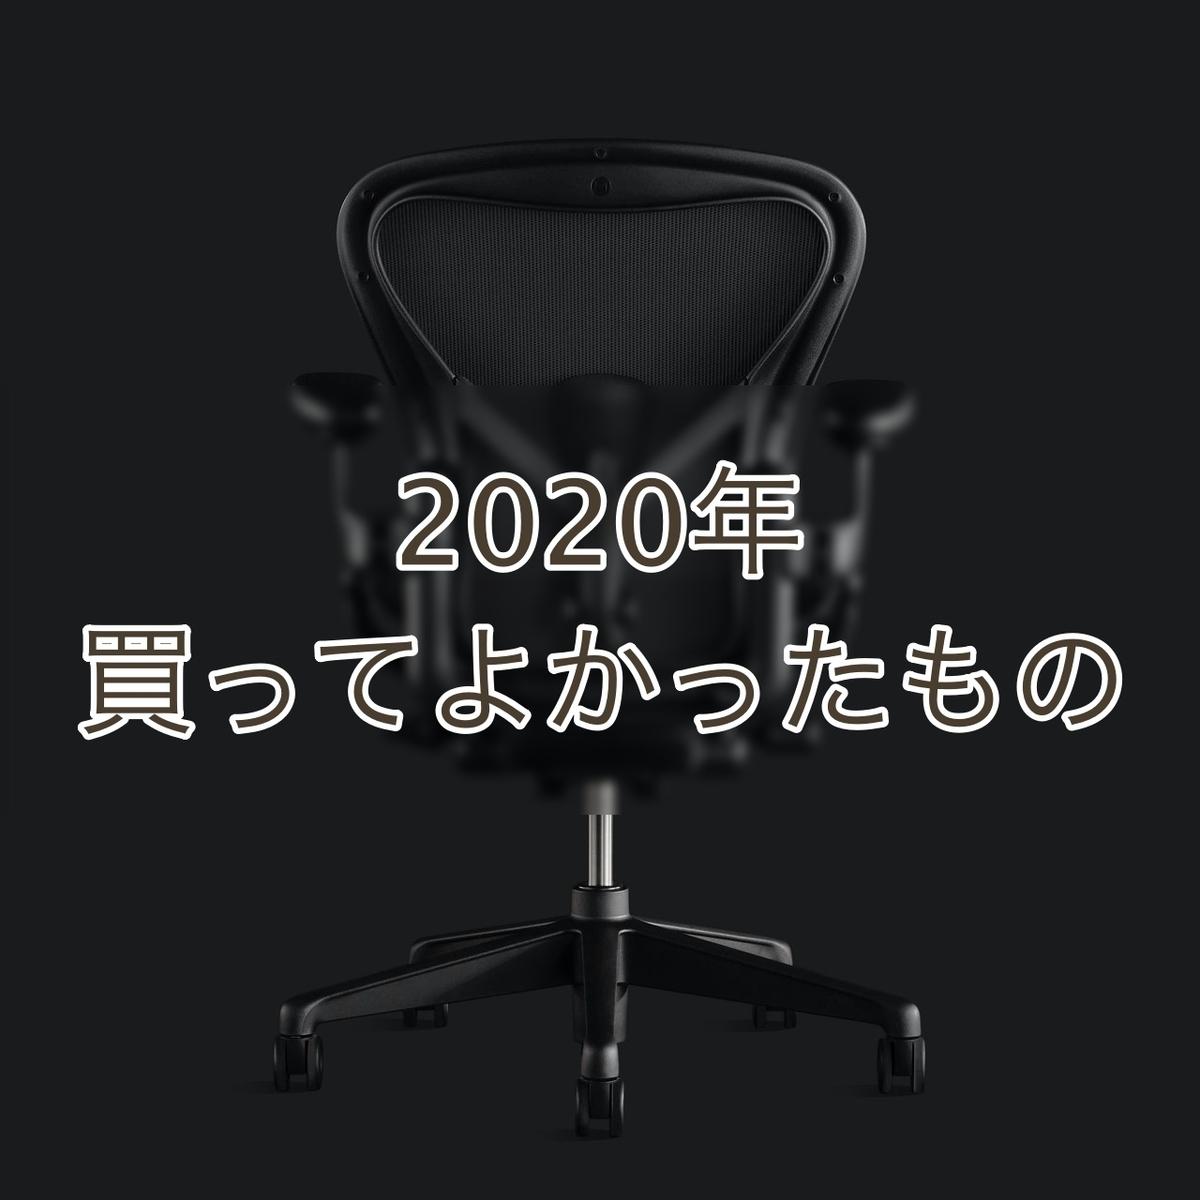 f:id:oenekoch:20201227222656j:plain